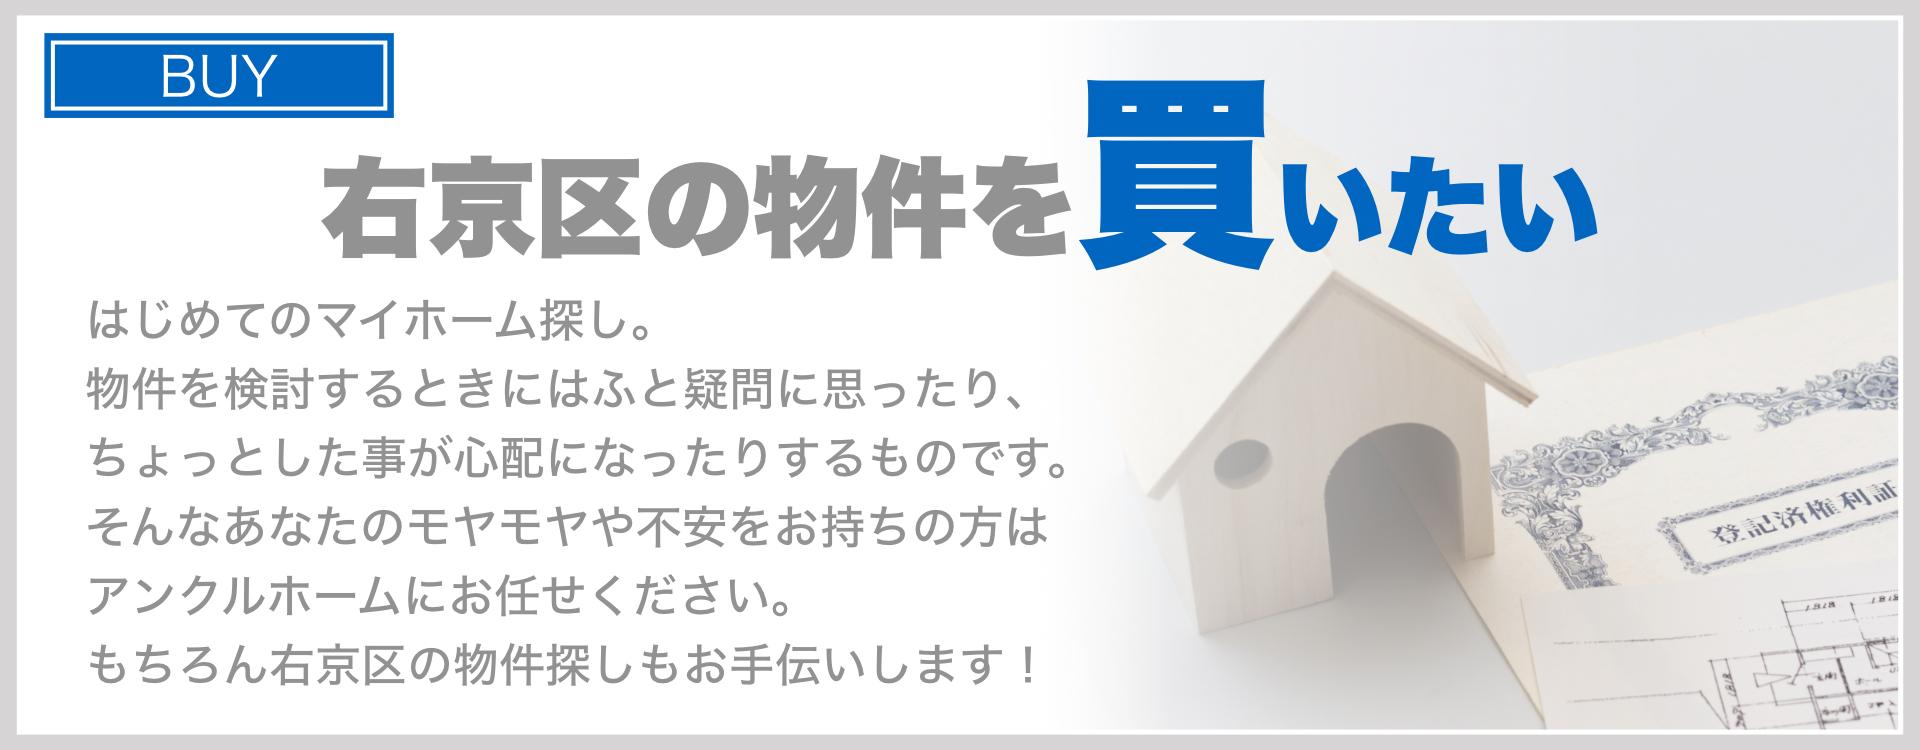 京都市右京区の不動産を買いたい方はコチラ